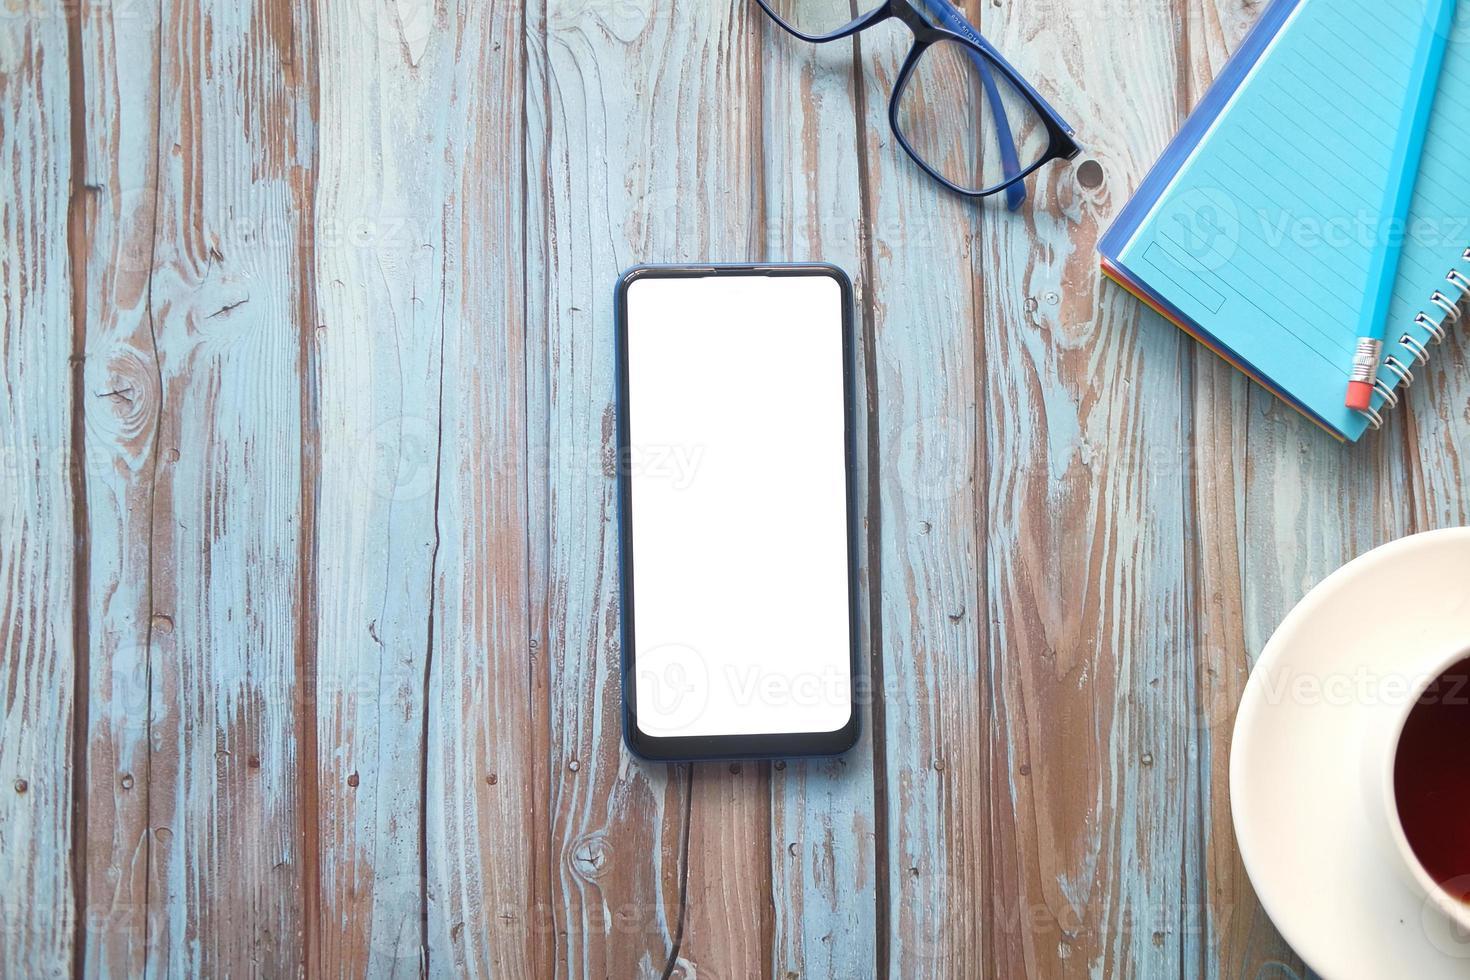 vista superior del simulacro de teléfono inteligente foto